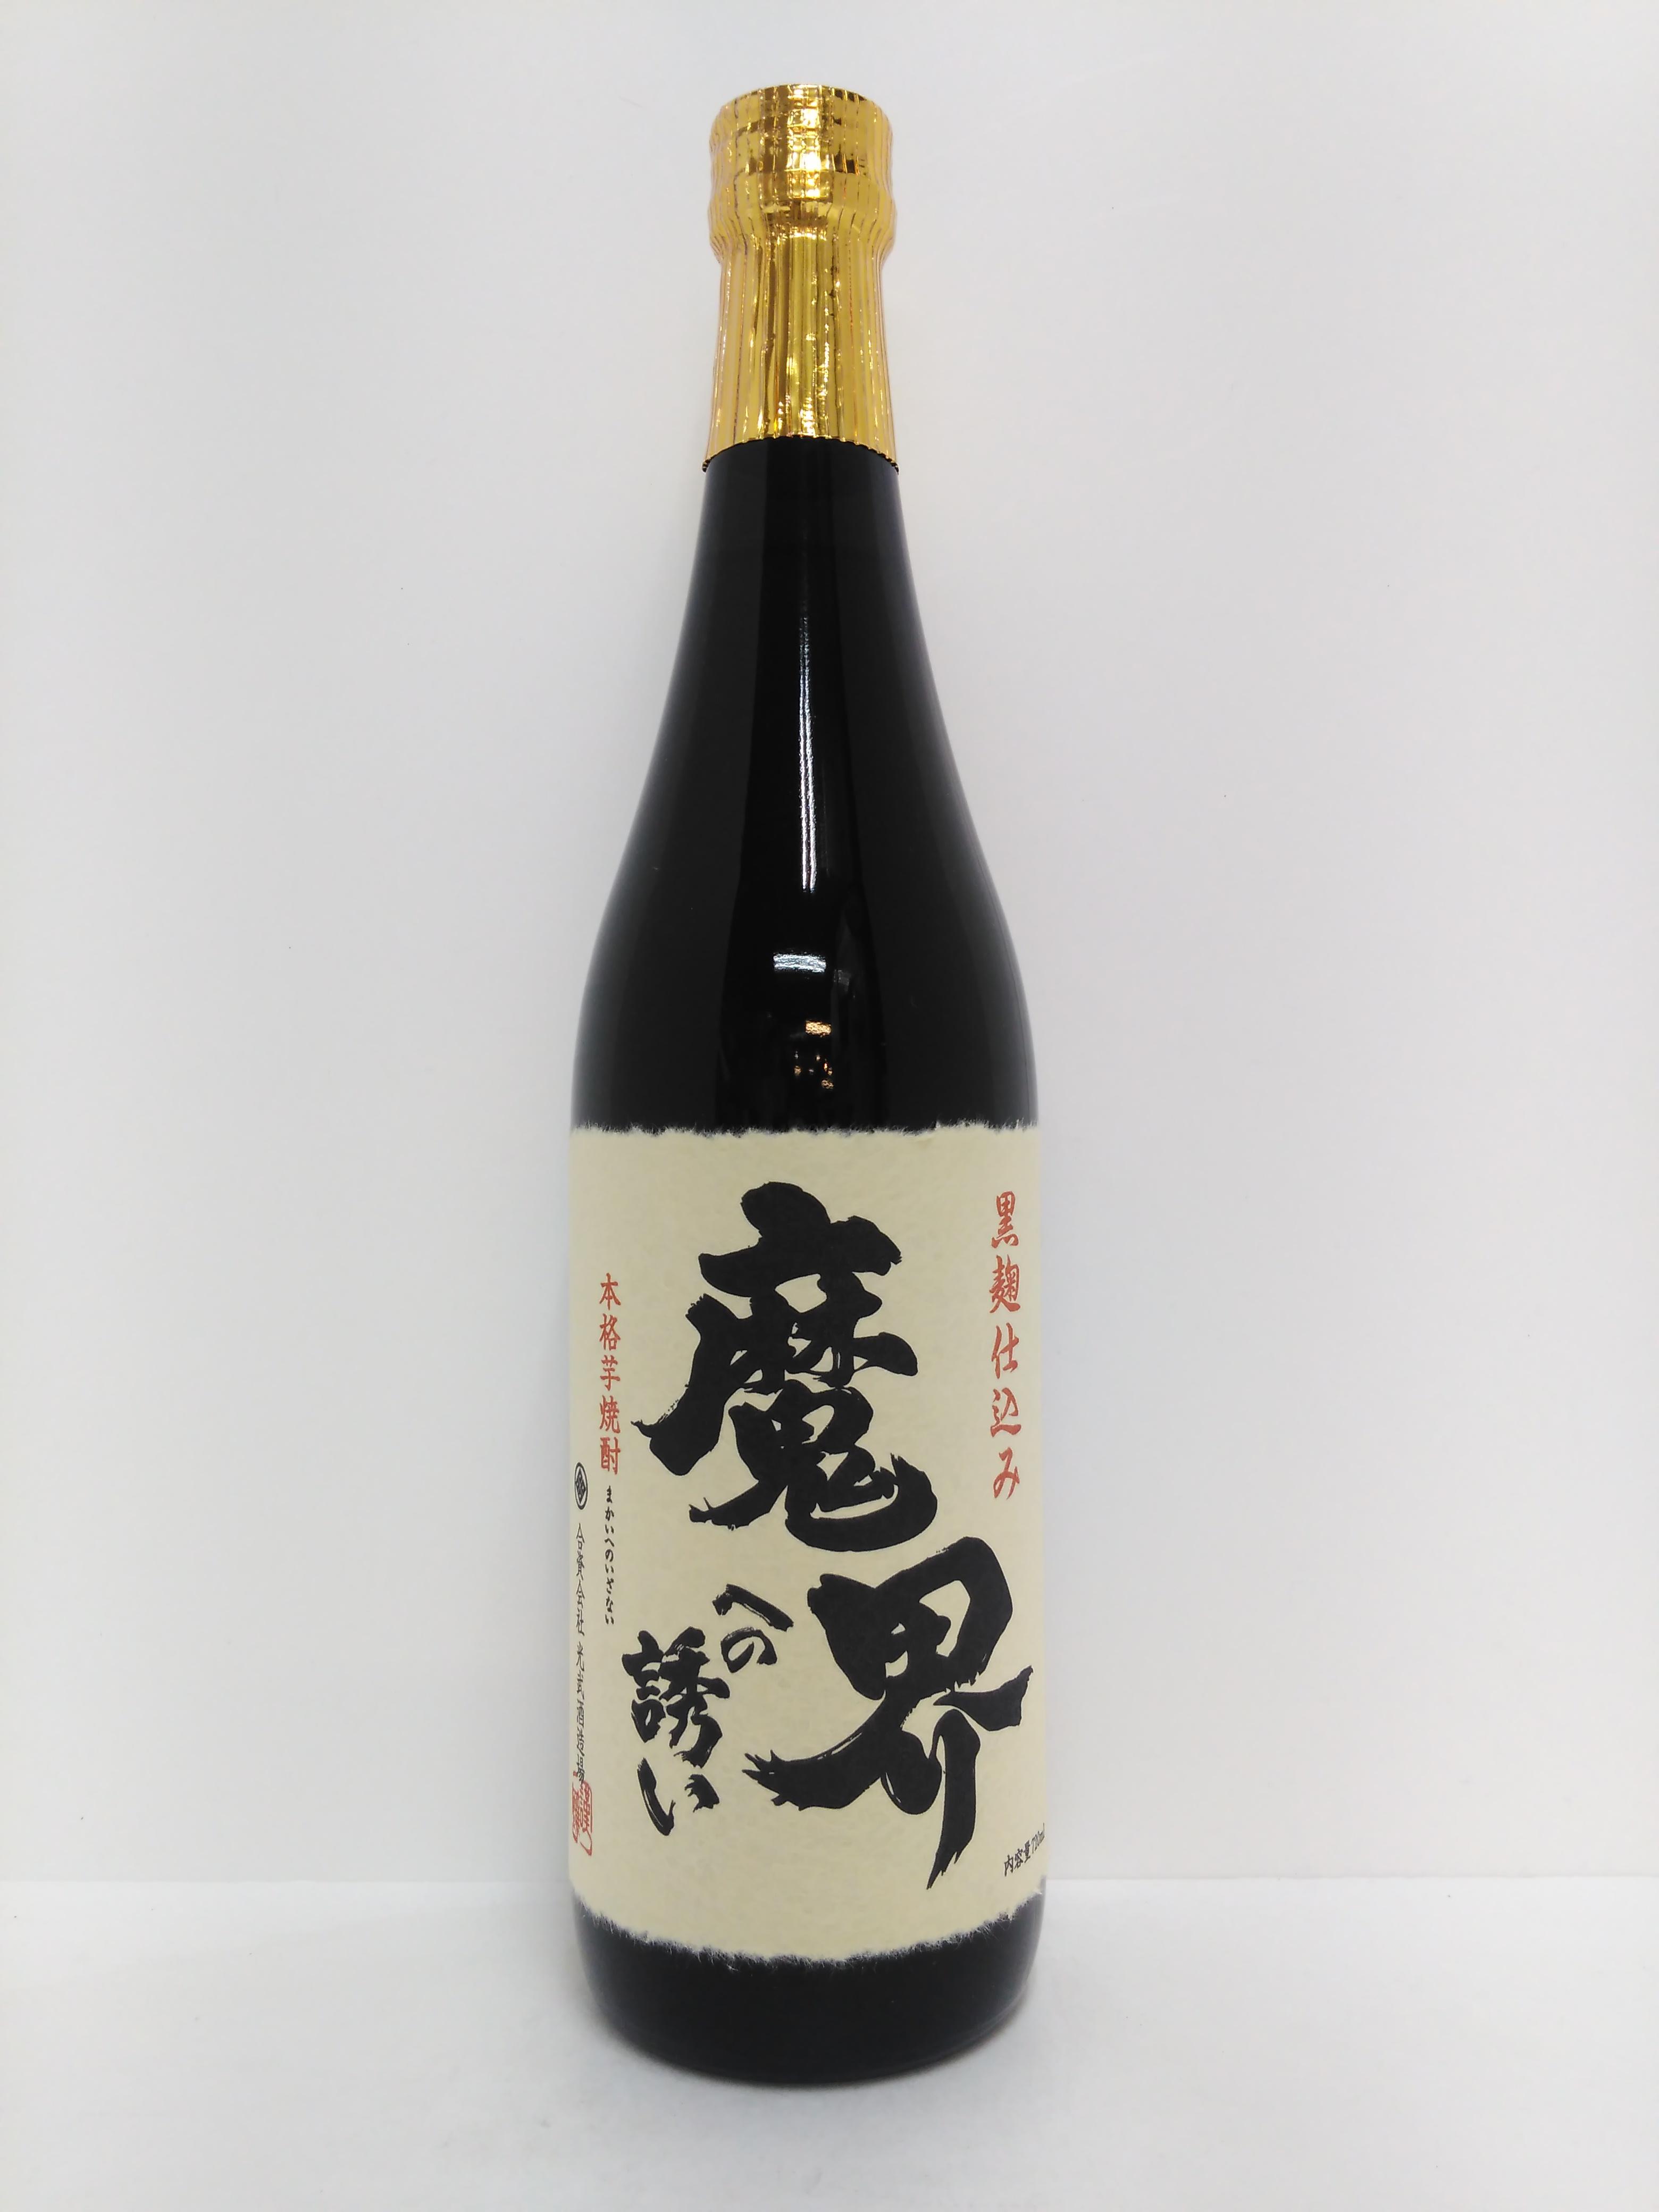 【TAKEYAスマイル便 対象品】光武酒造 魔界への誘い 25度  720ml